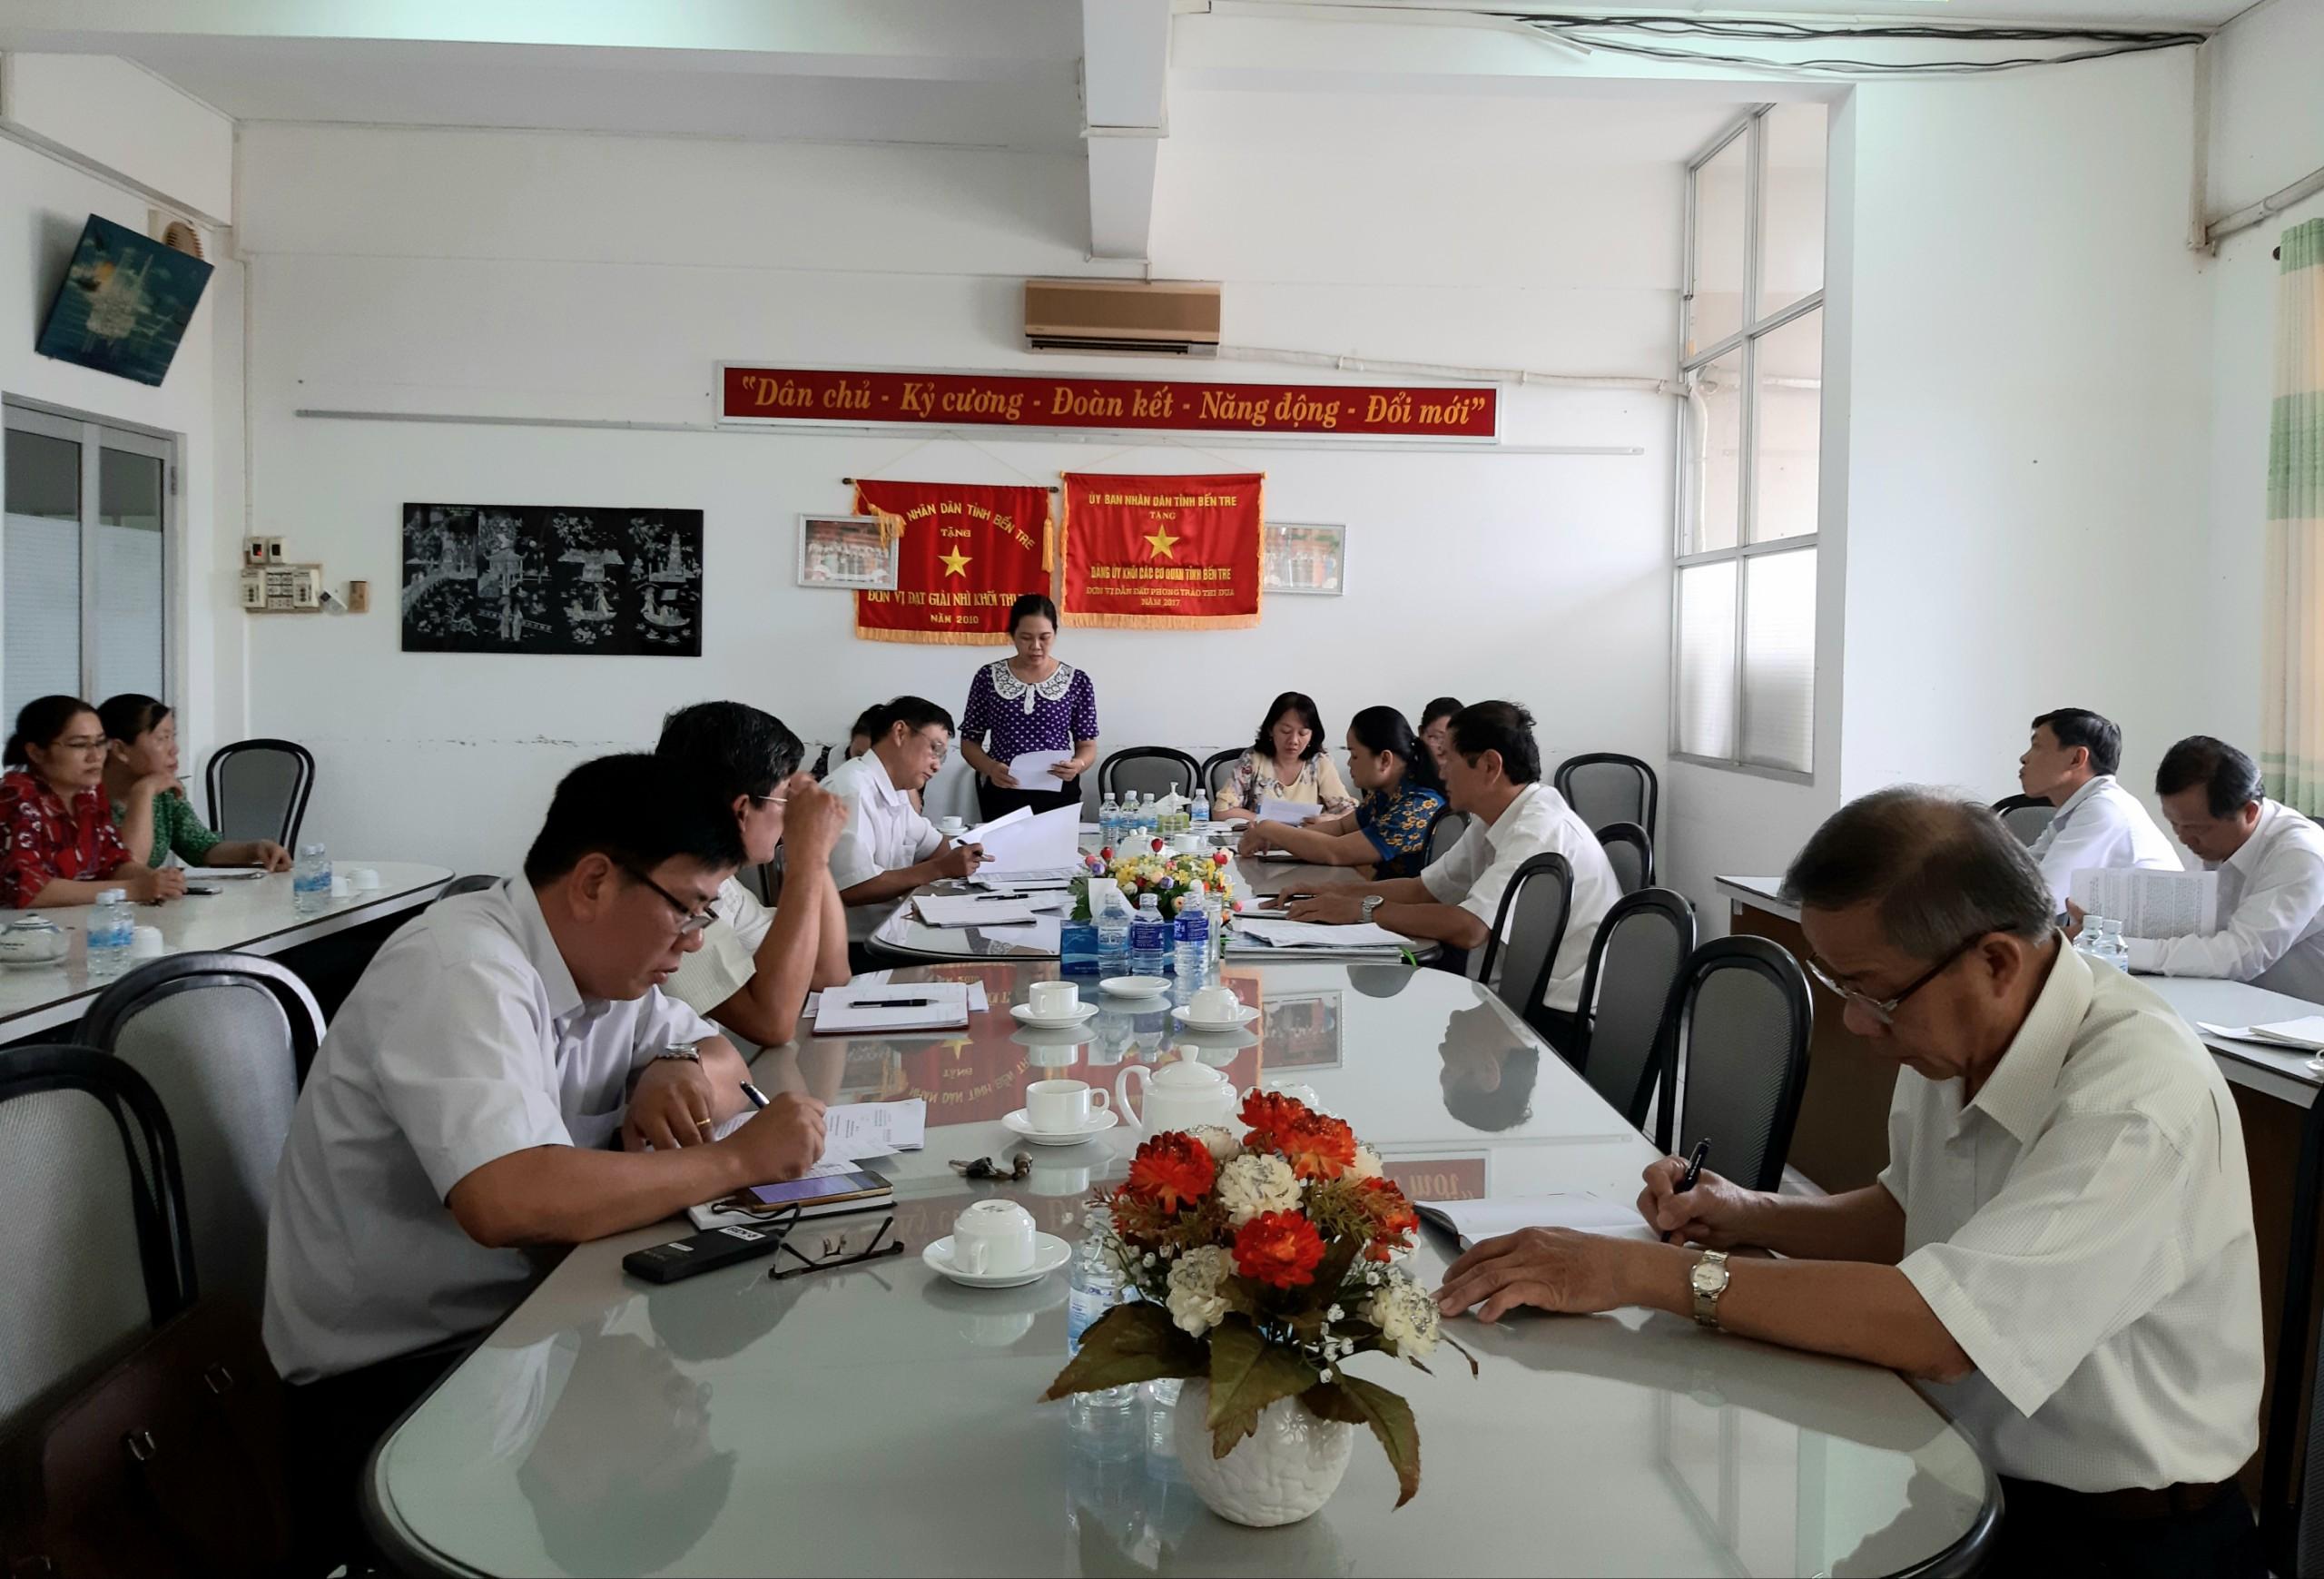 Chi bộ cơ quan Đảng ủy Khối Cơ quan – Doanh nghiệp tỉnh sinh hoạt chuyên đề quý III/2020